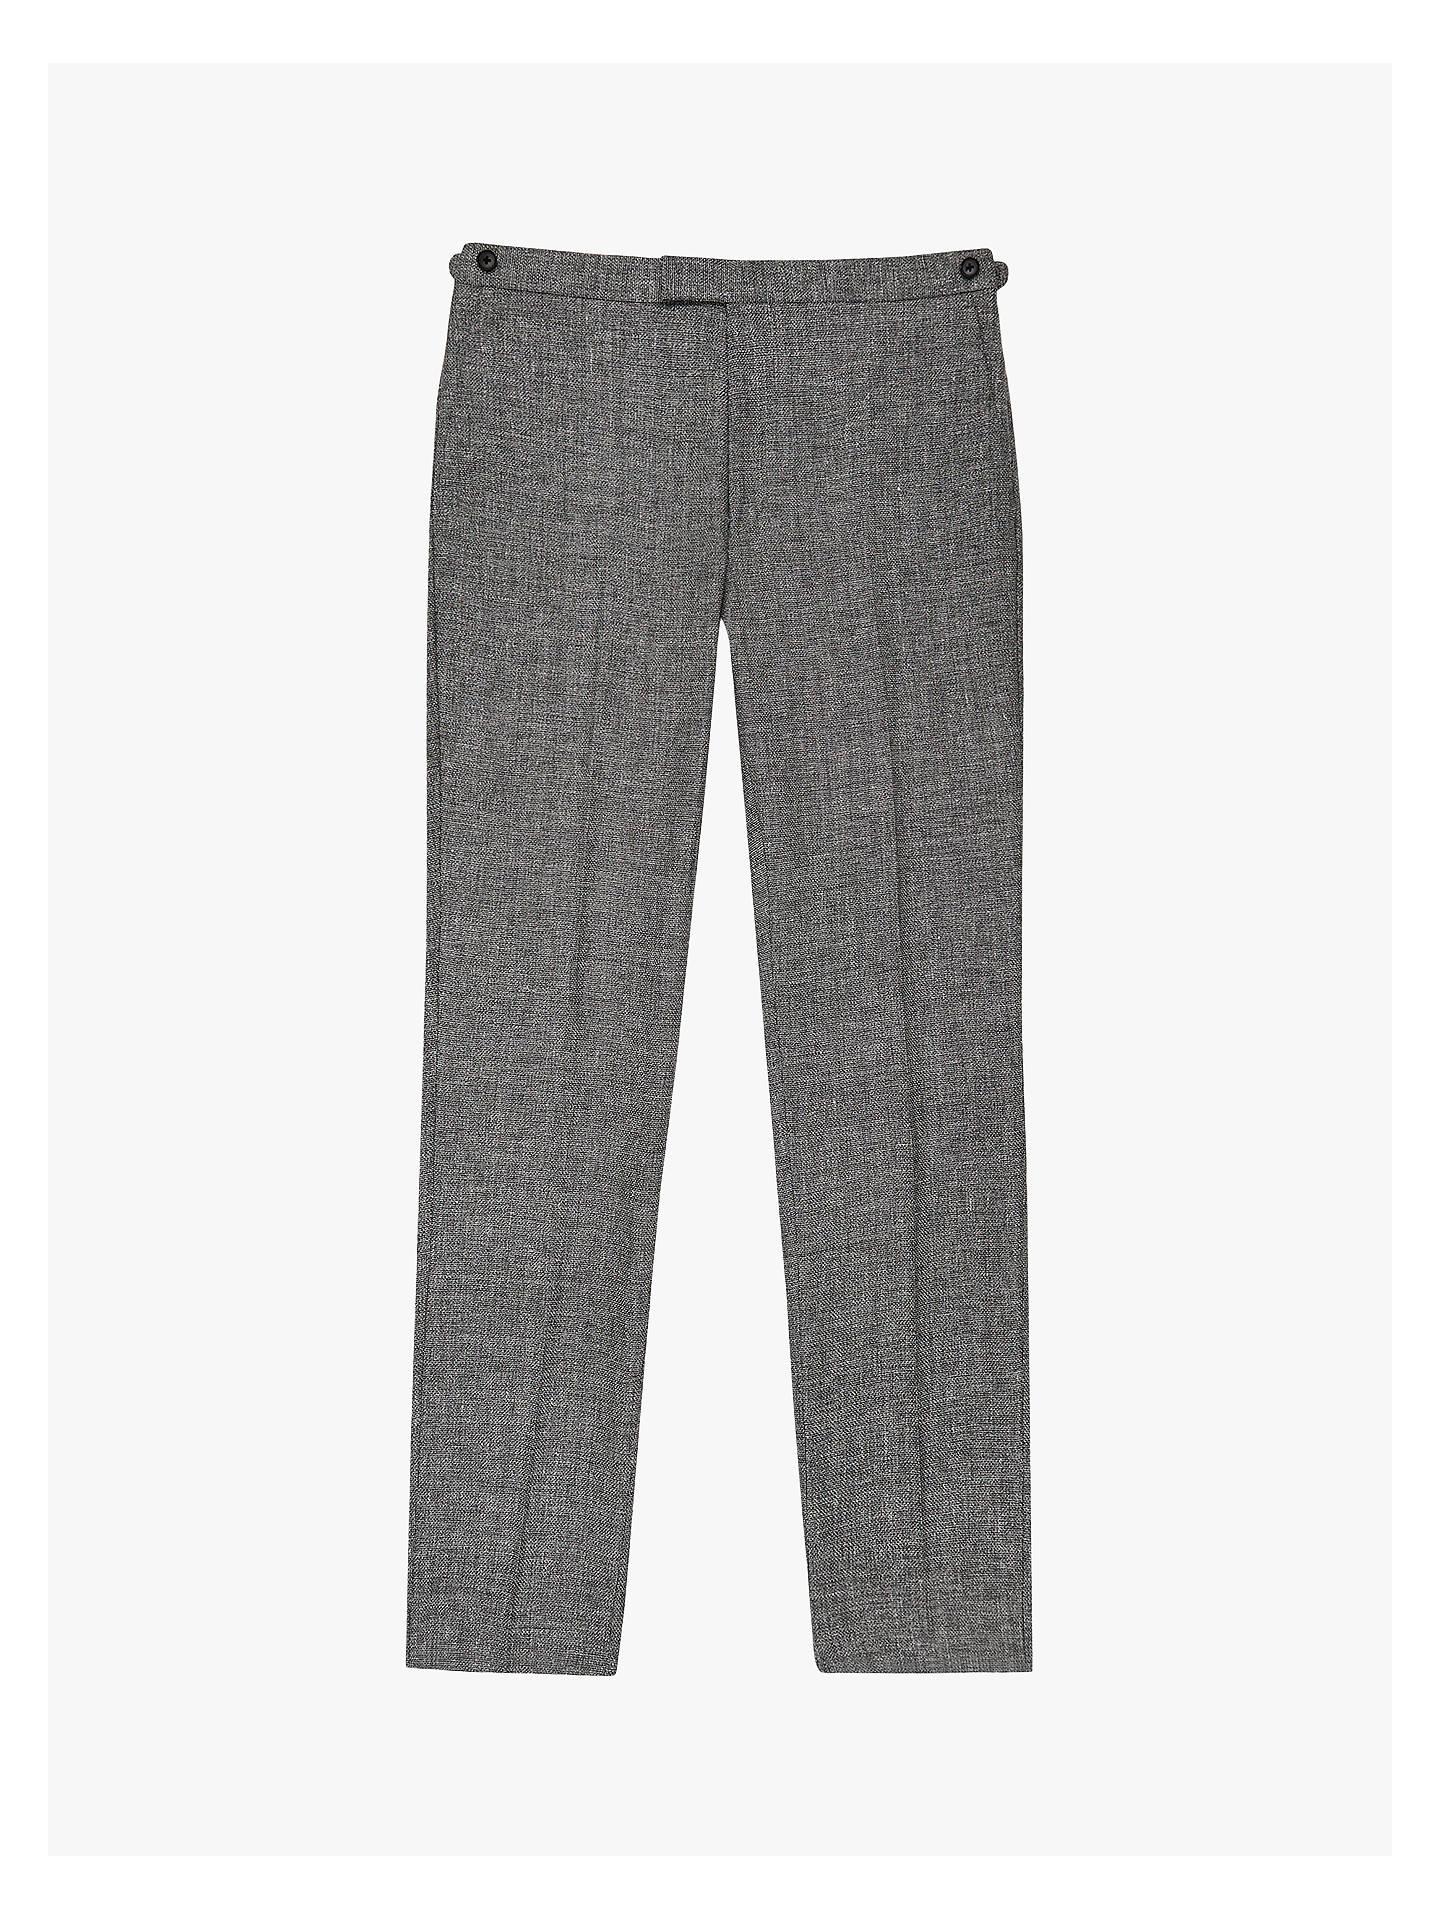 Reiss Wander Ruck Linen Blend Textured Suit Trousers, Grey